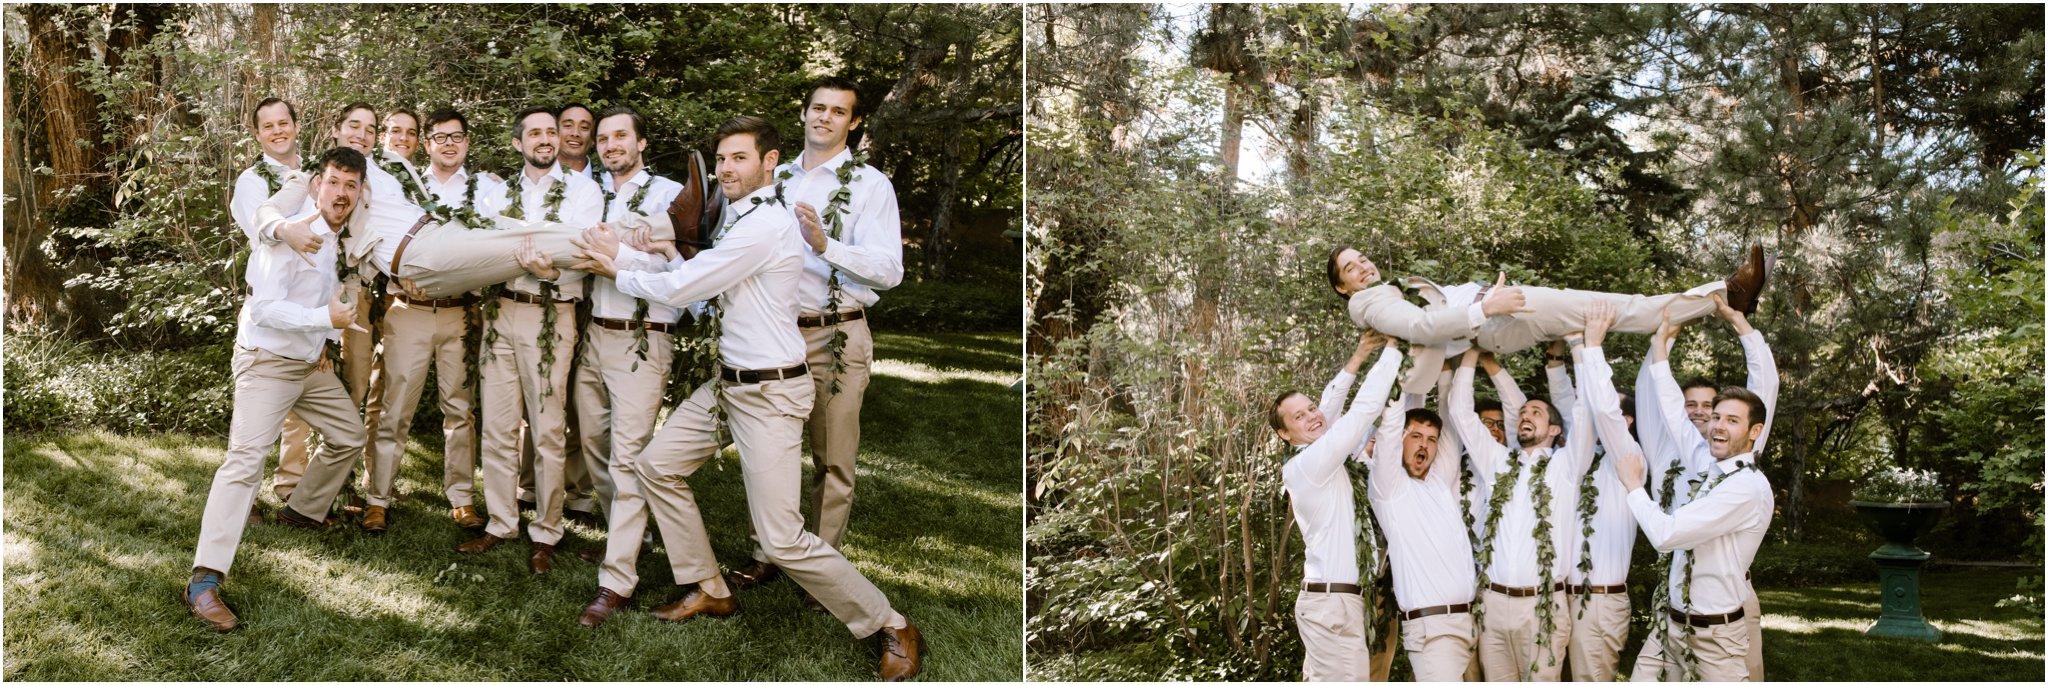 0276Los Poblanos Weddings Blue Rose Photography Studios